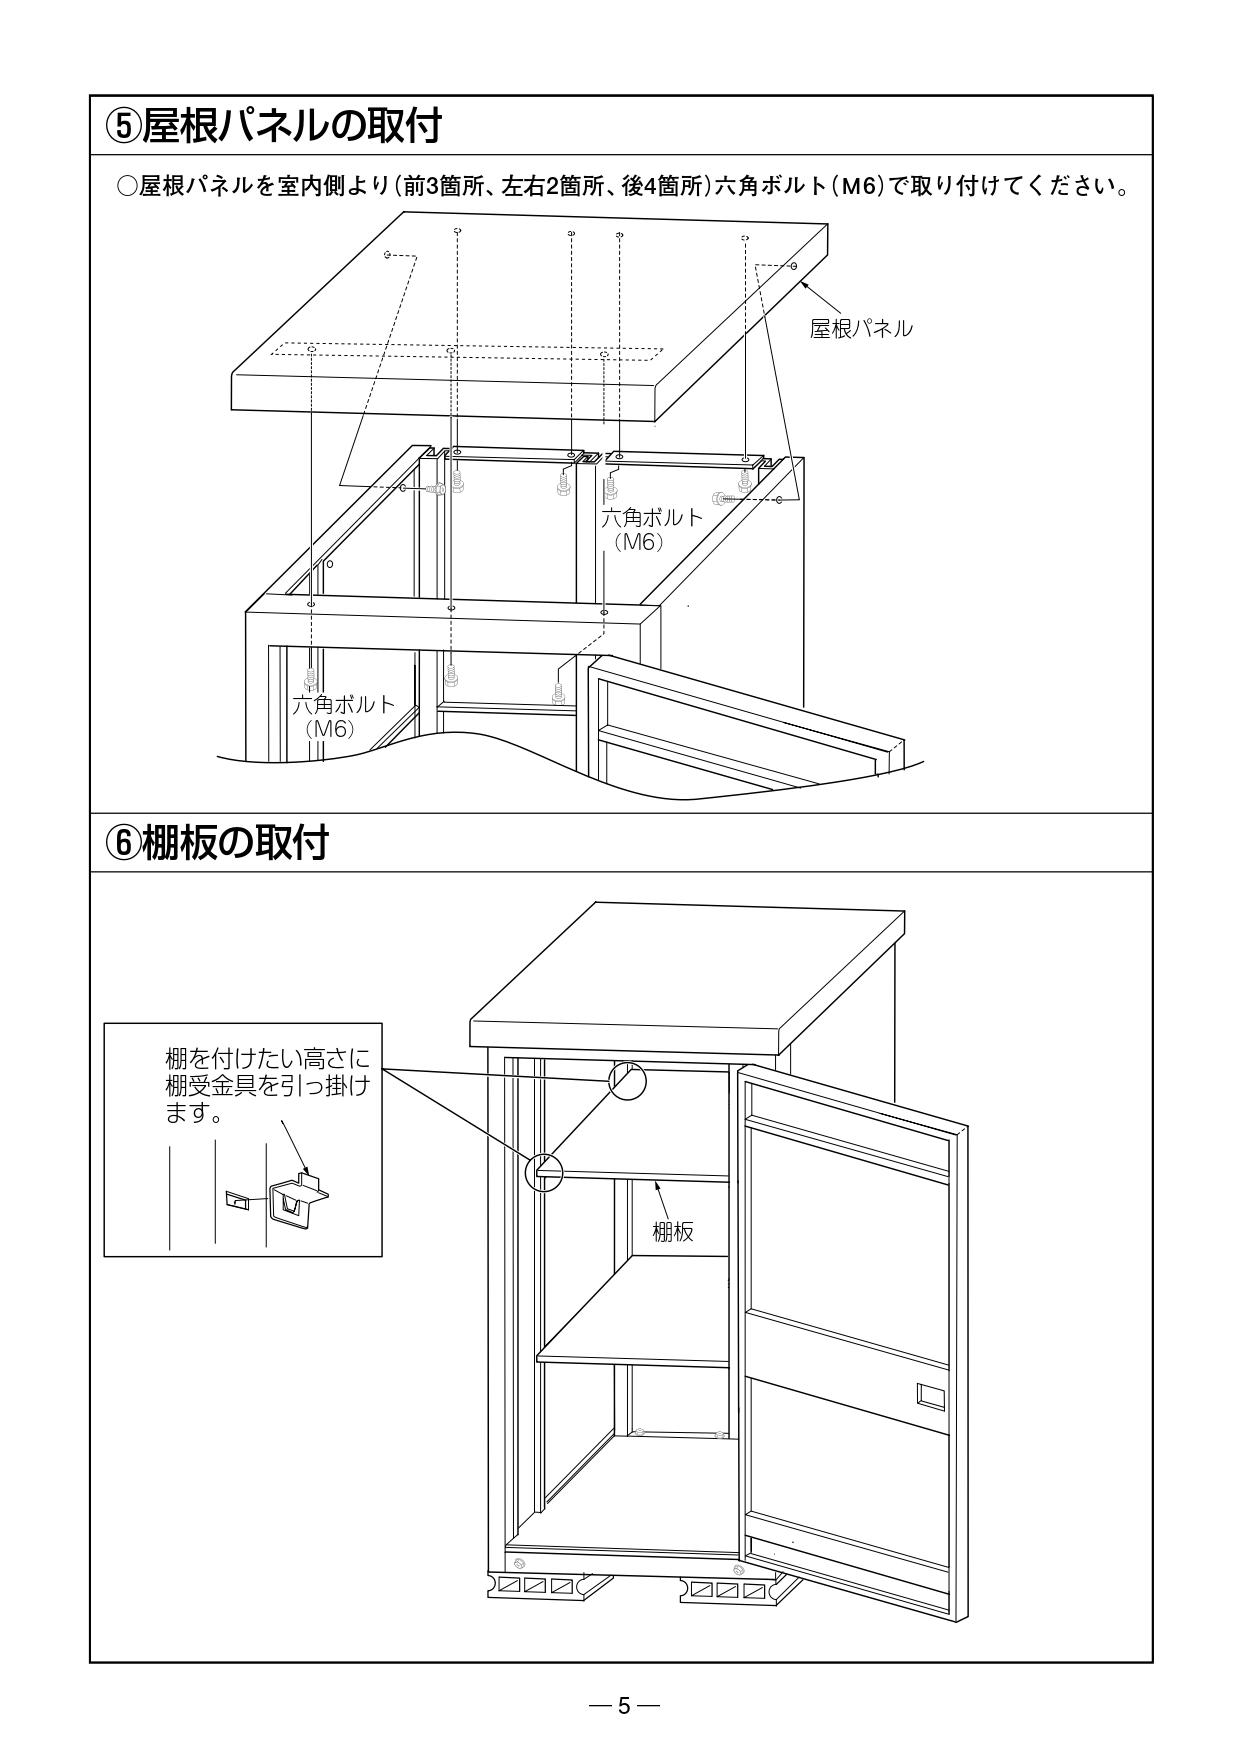 小型物置DM-GY099 組み立て説明書_page-0007